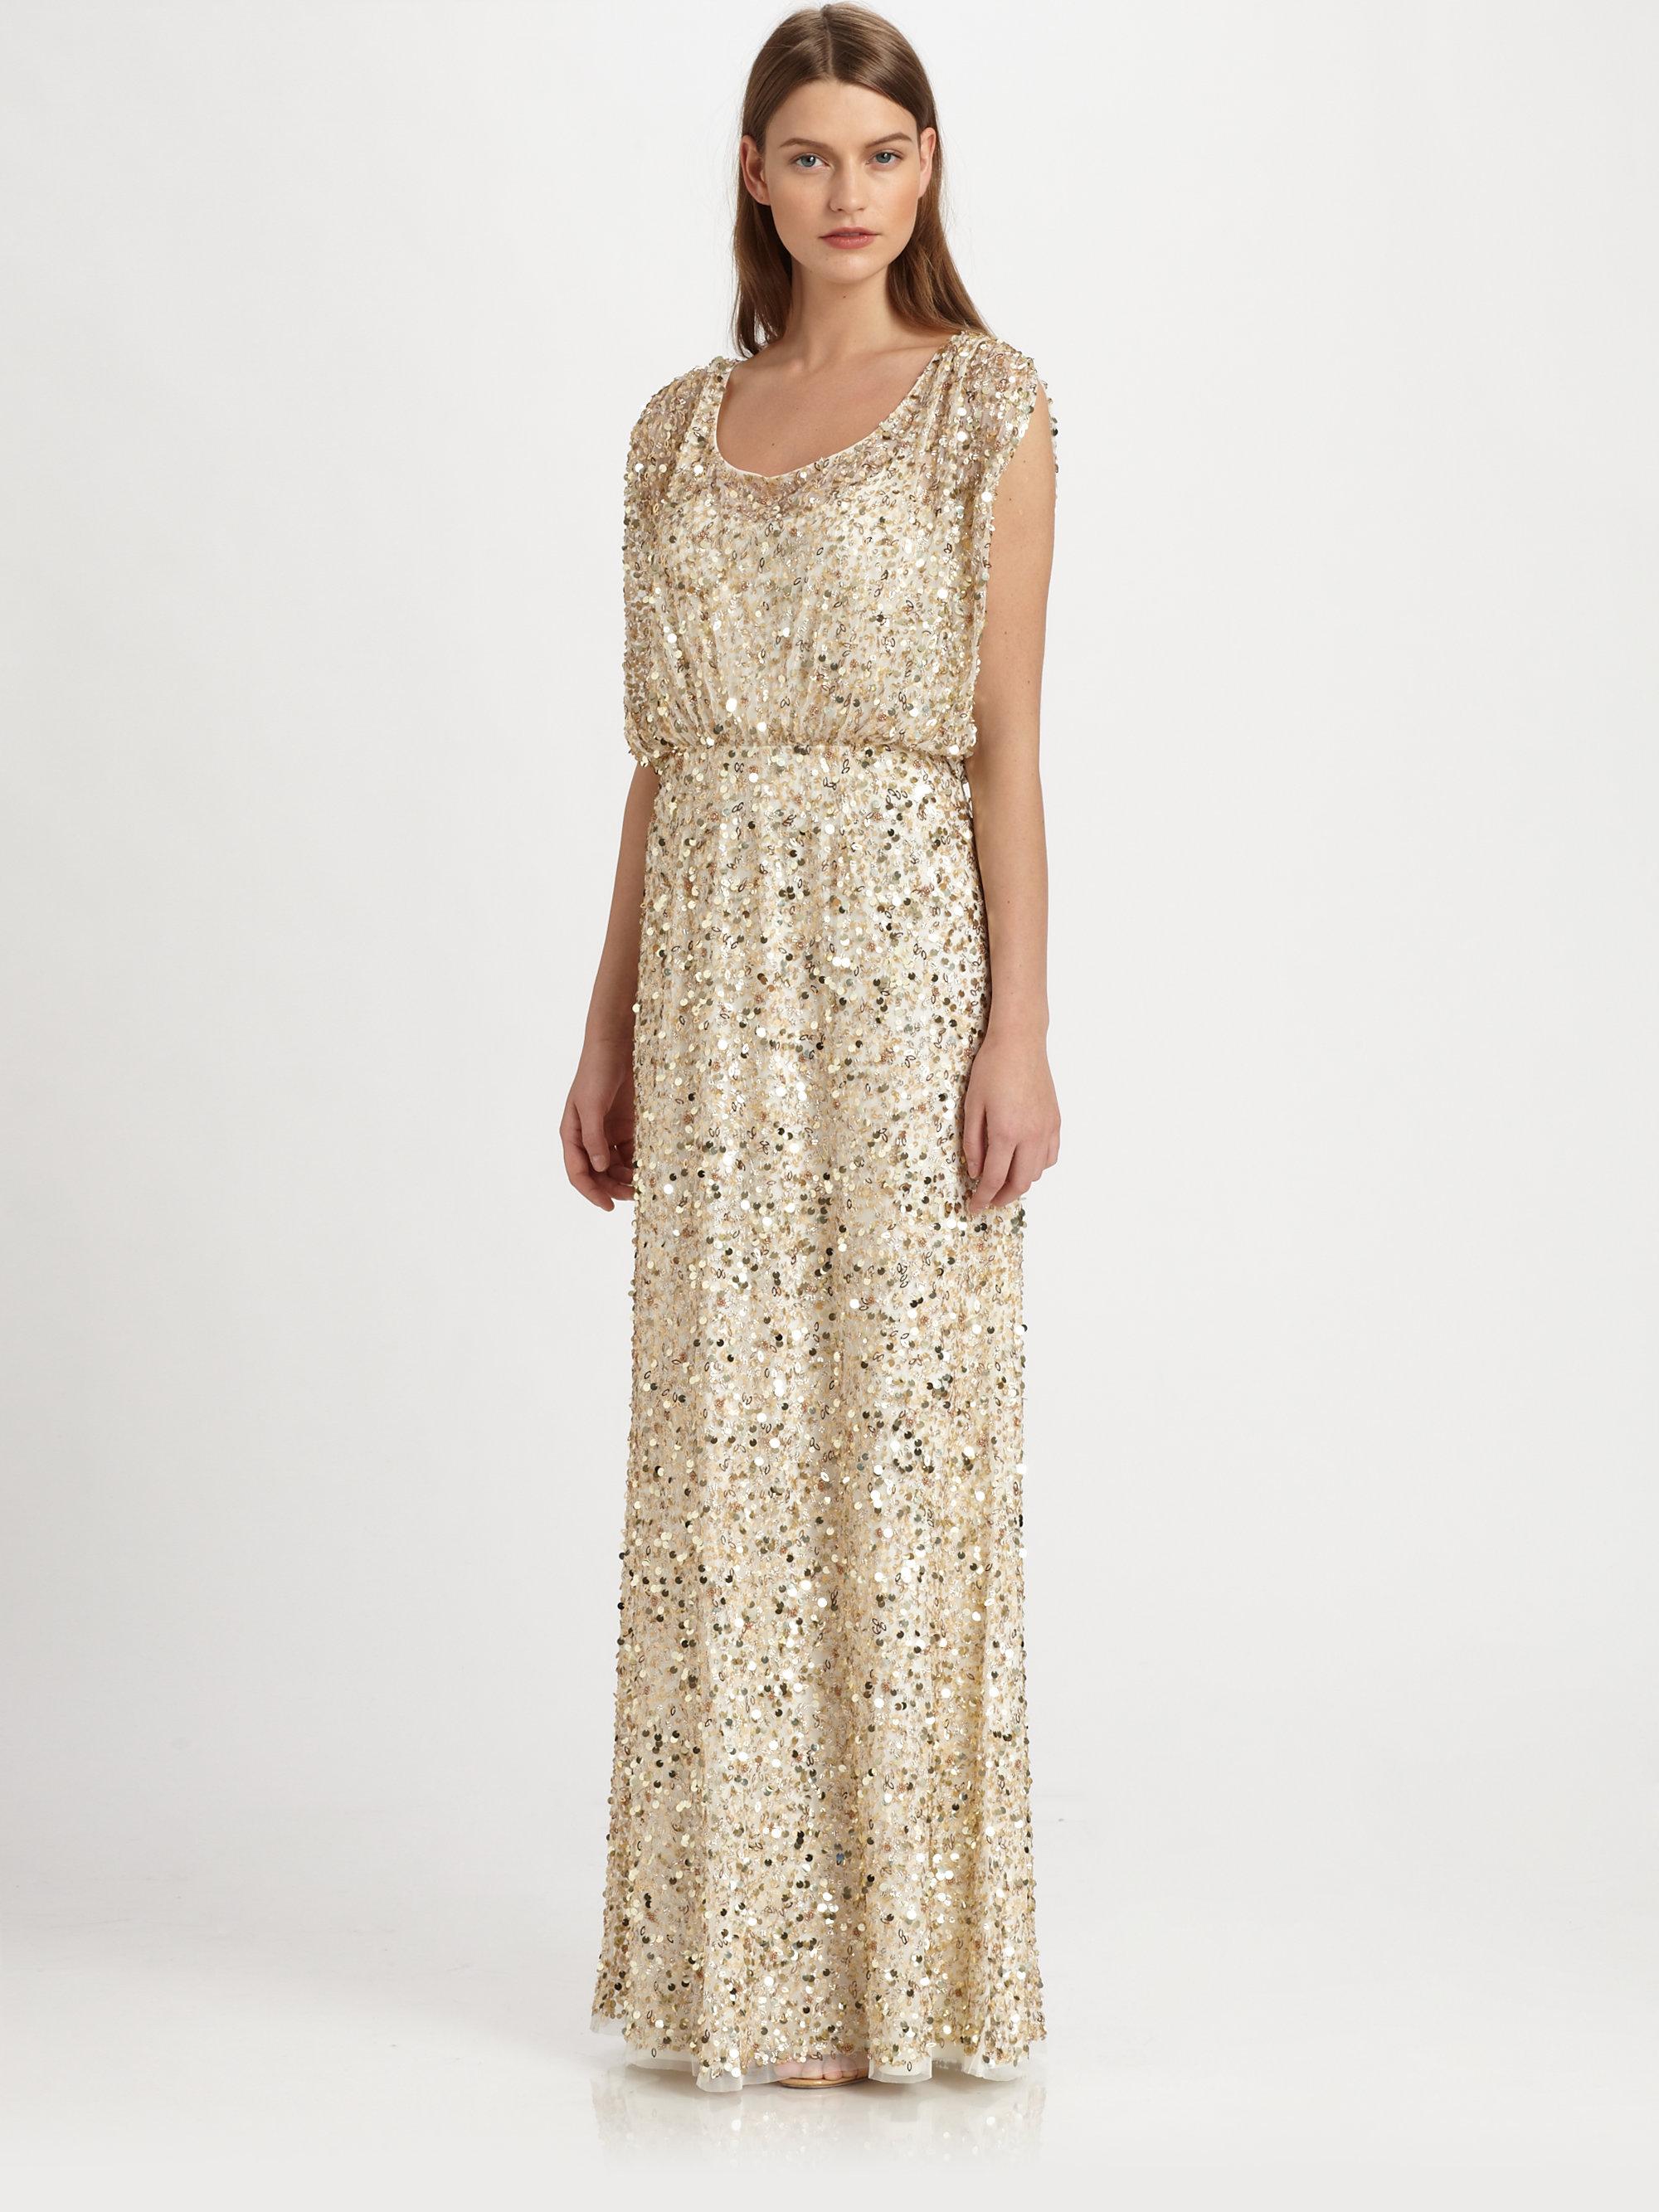 Mattox aidan sequin dress gold